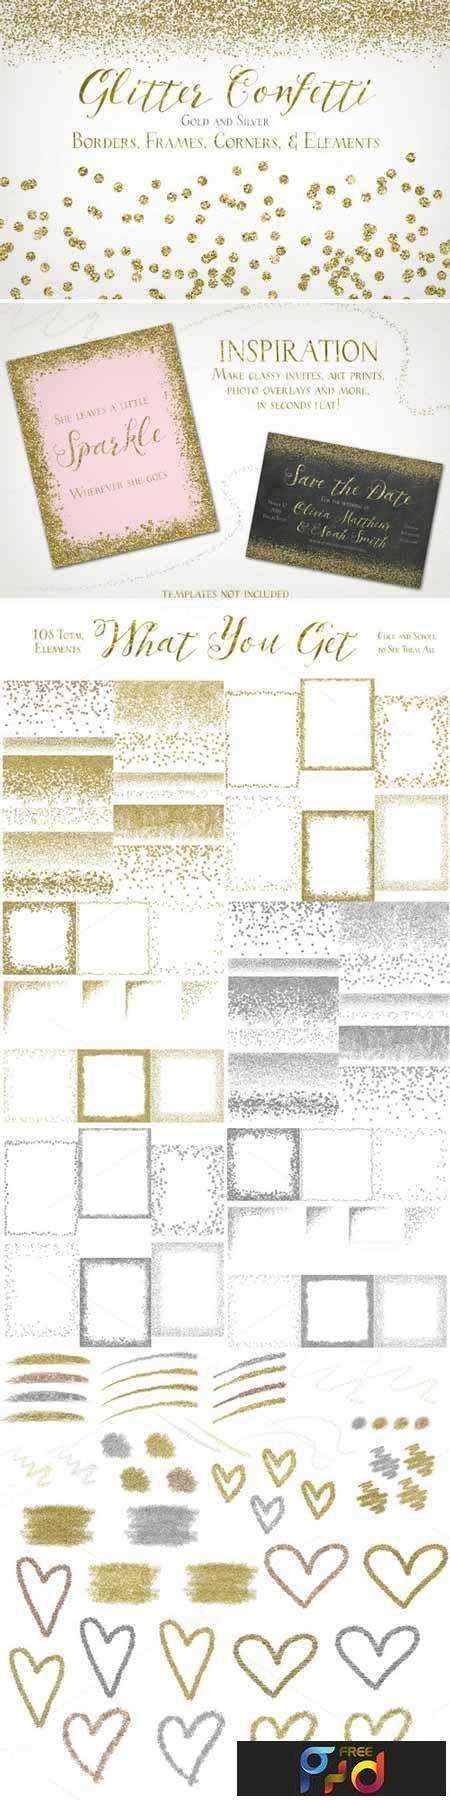 freepsdvn-com_1451176422_glitter-confetti-borders-elements-258389